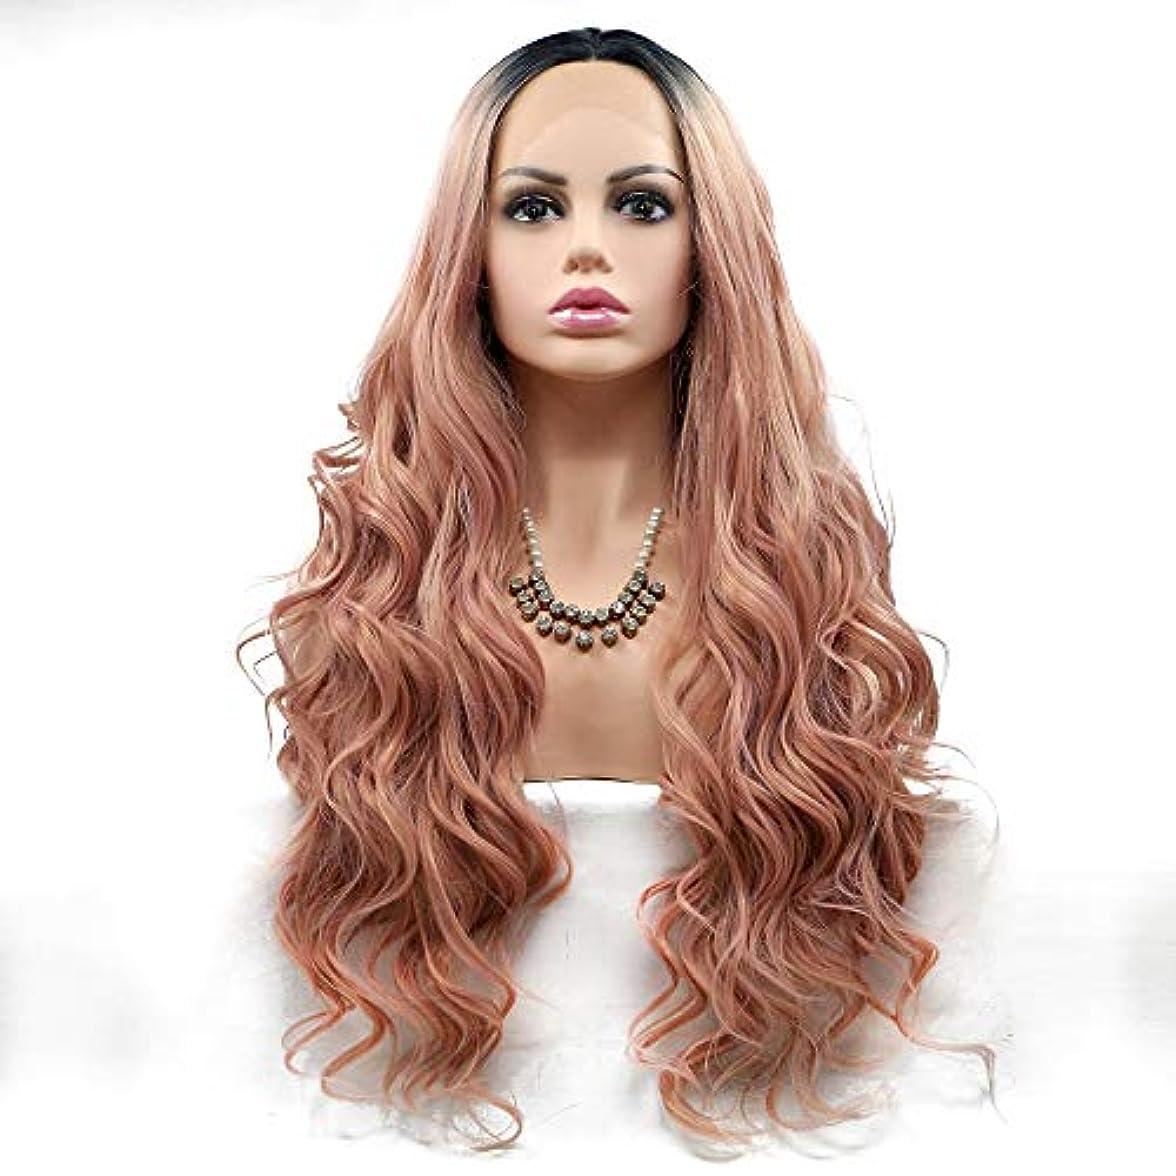 人道的デンマーク語解釈HAILAN HOME-かつら ウィッグ髪に鮮やかなピンクFarseeing髪カーリーヘアウィッグレディース手作りのレースのヨーロッパとアメリカのウィッグセットがリアルなリアルな換気を設定します。